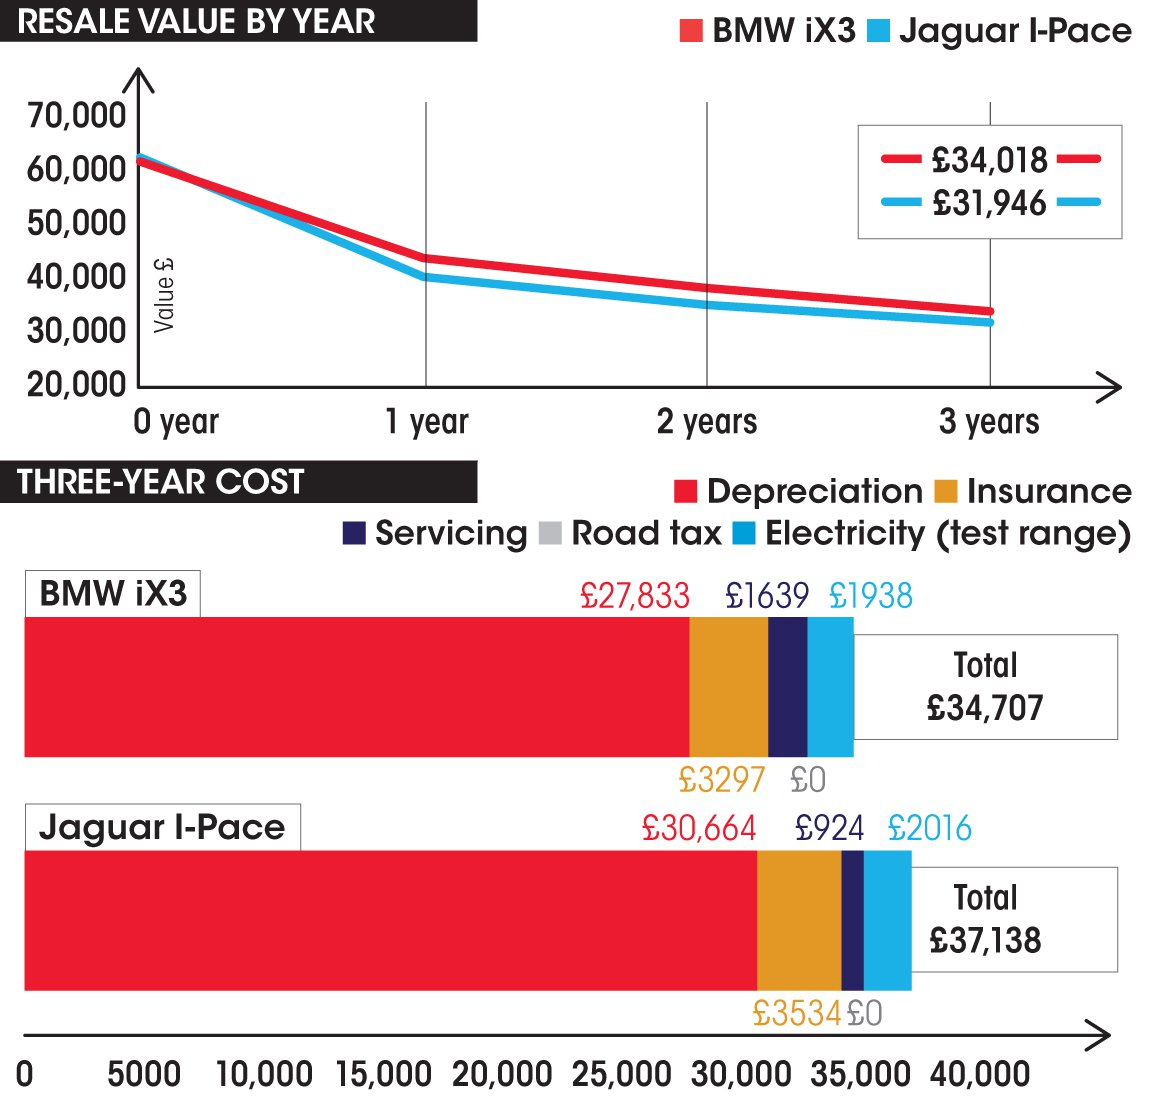 BMW iX3 vs Jaguar I-Pace costs